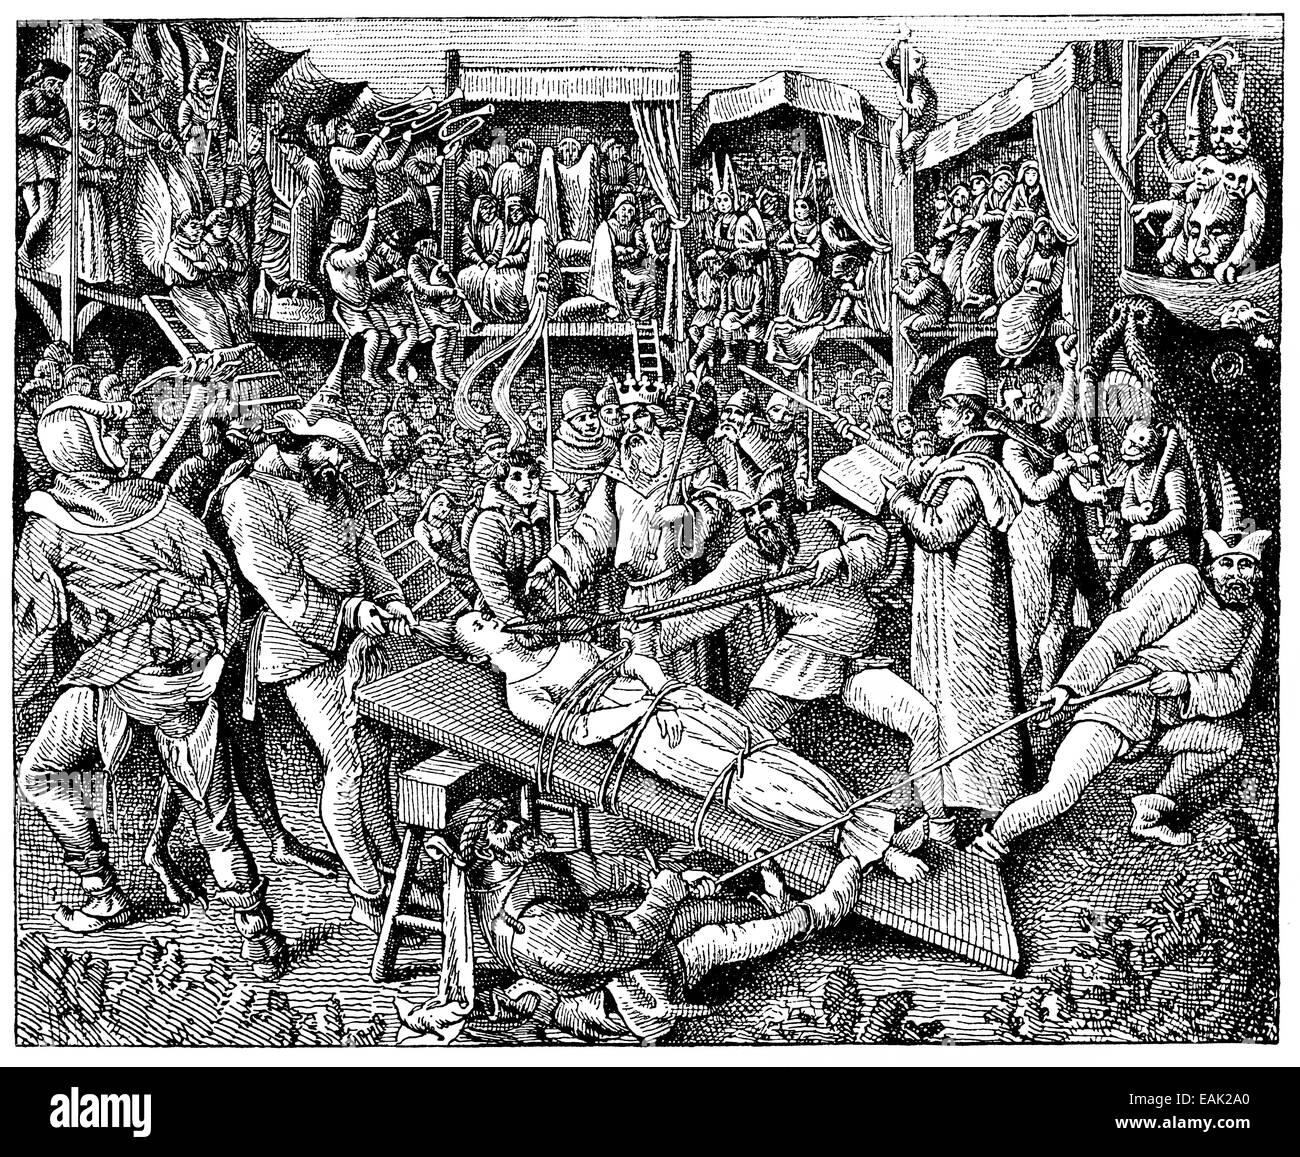 Medieval torture, mystery drama, Darstellung einer mittelalterlichen Folterung, Mysteriendrama - Stock Image